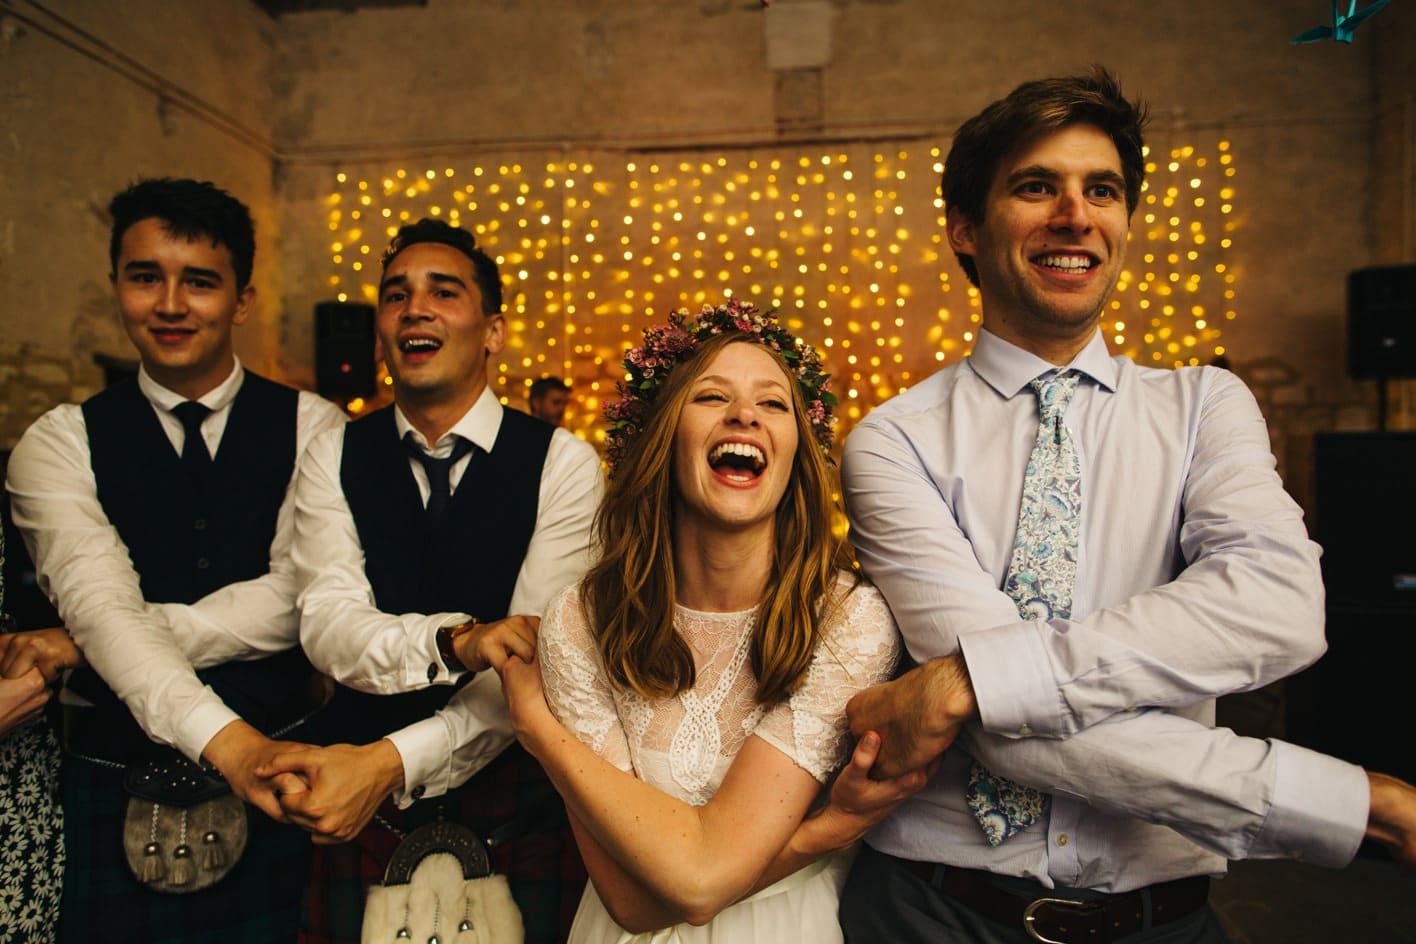 gorwell barn wedding dancing